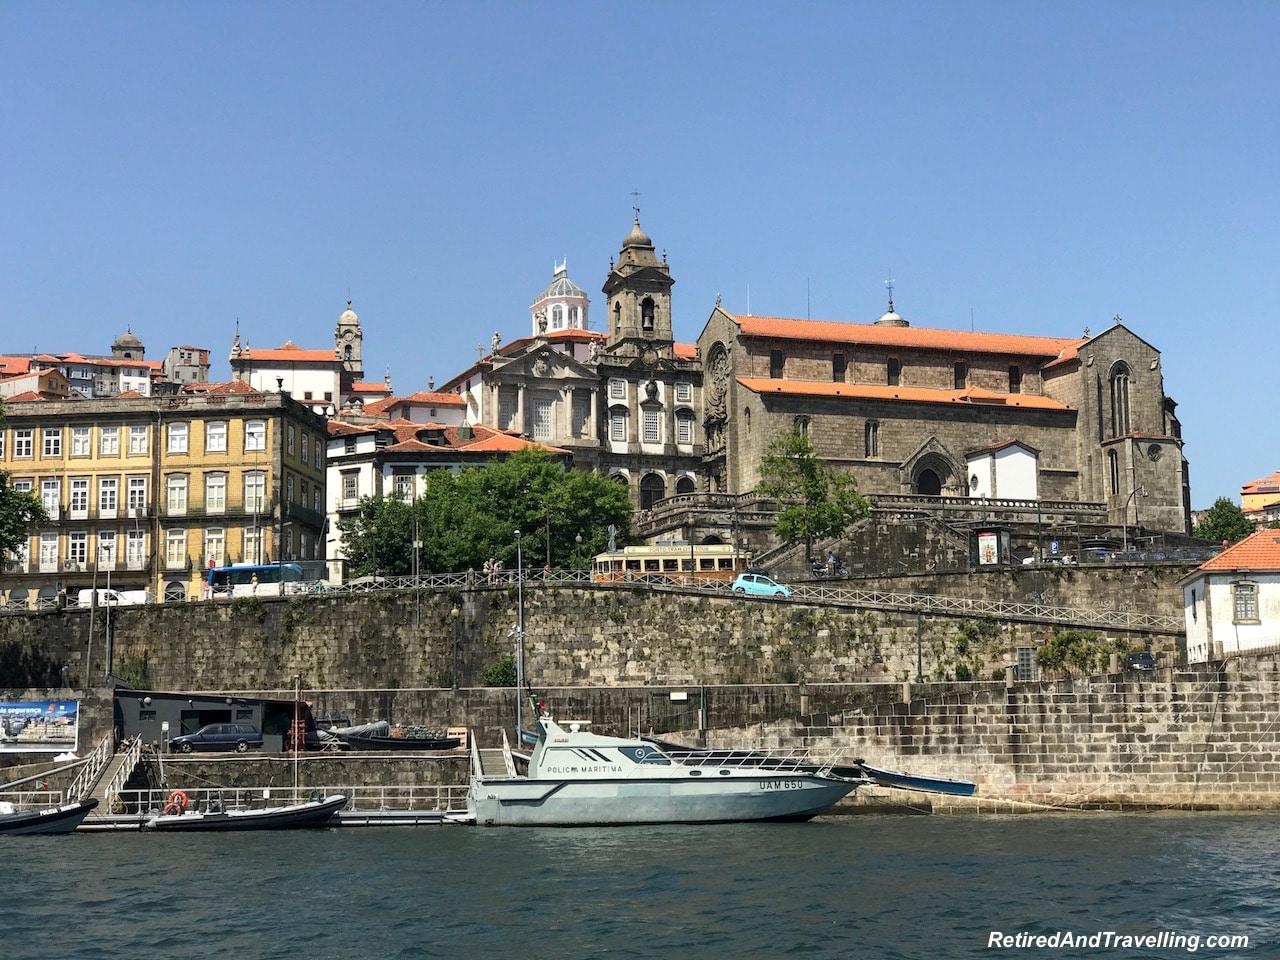 Douro River 6 Bridge Tour - Things To Do In Porto.jpg